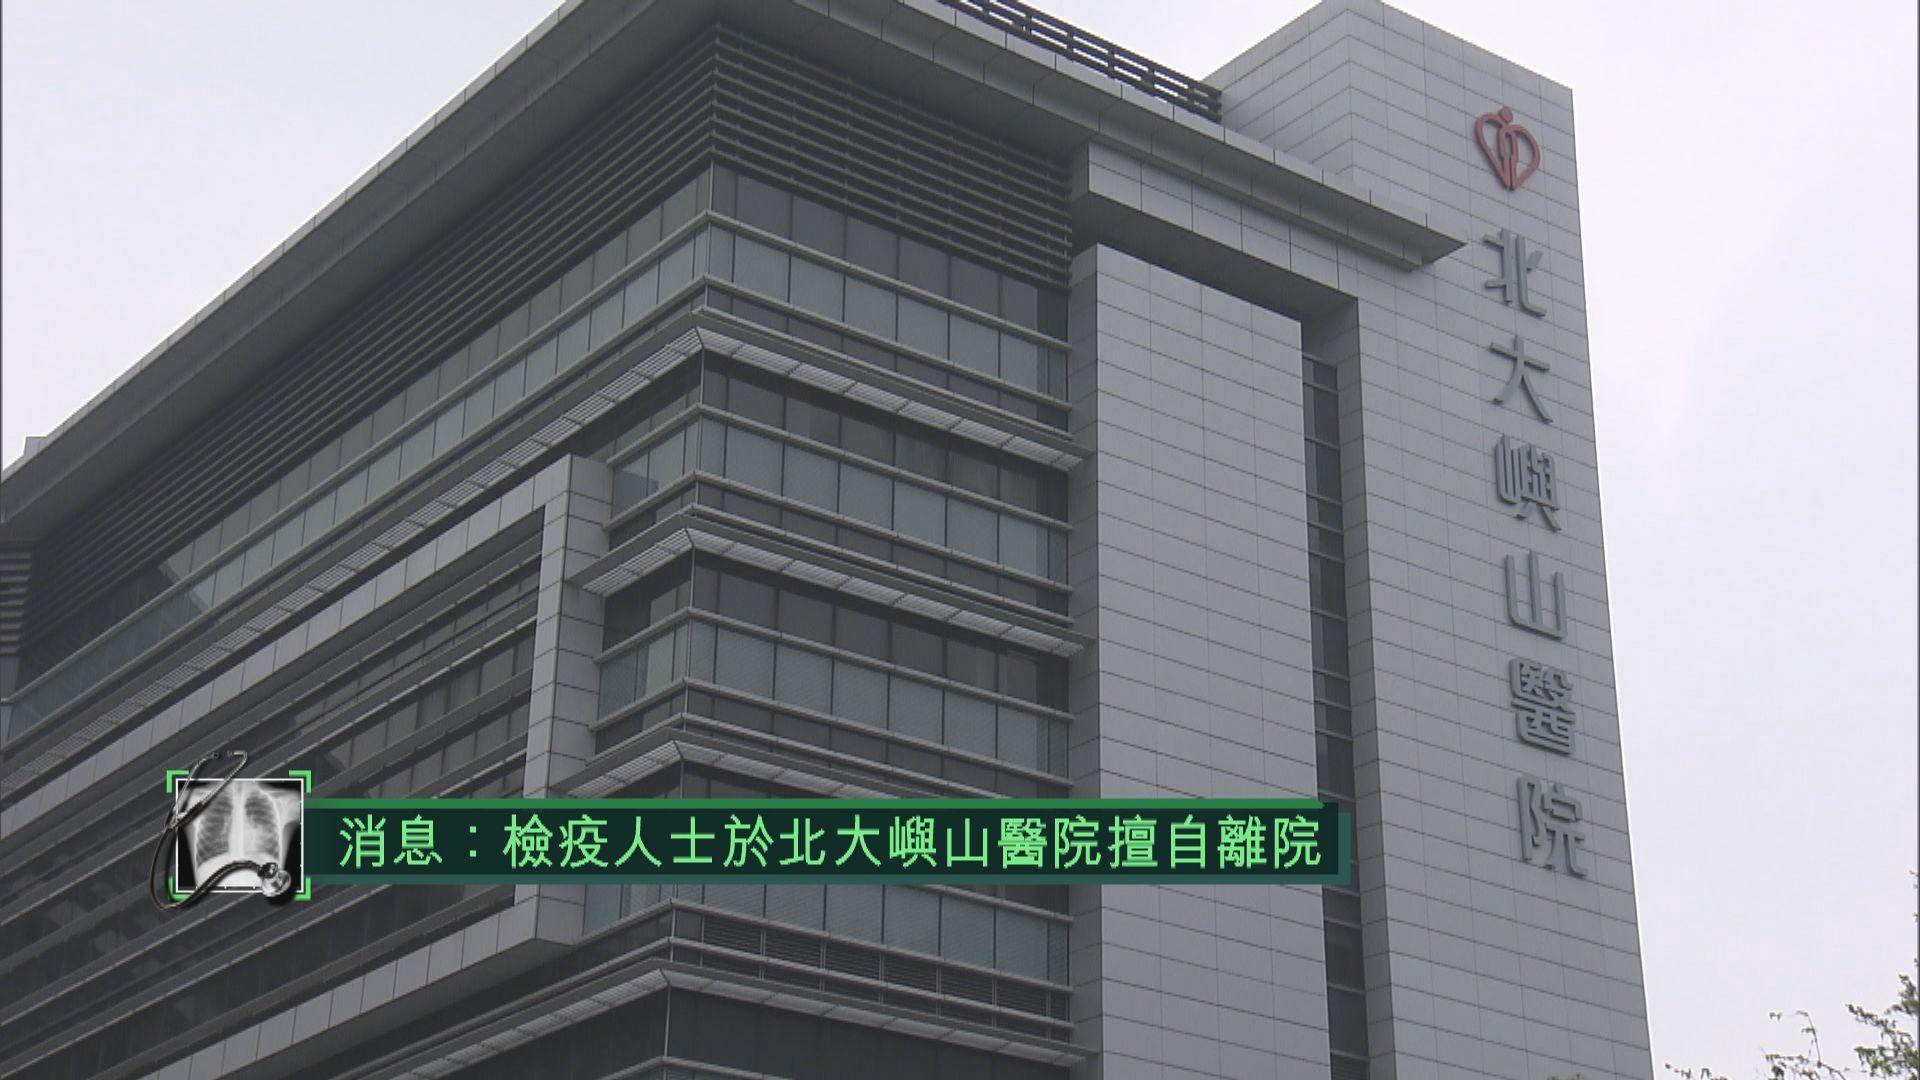 消息:檢疫人士於北大嶼山醫院擅自離院